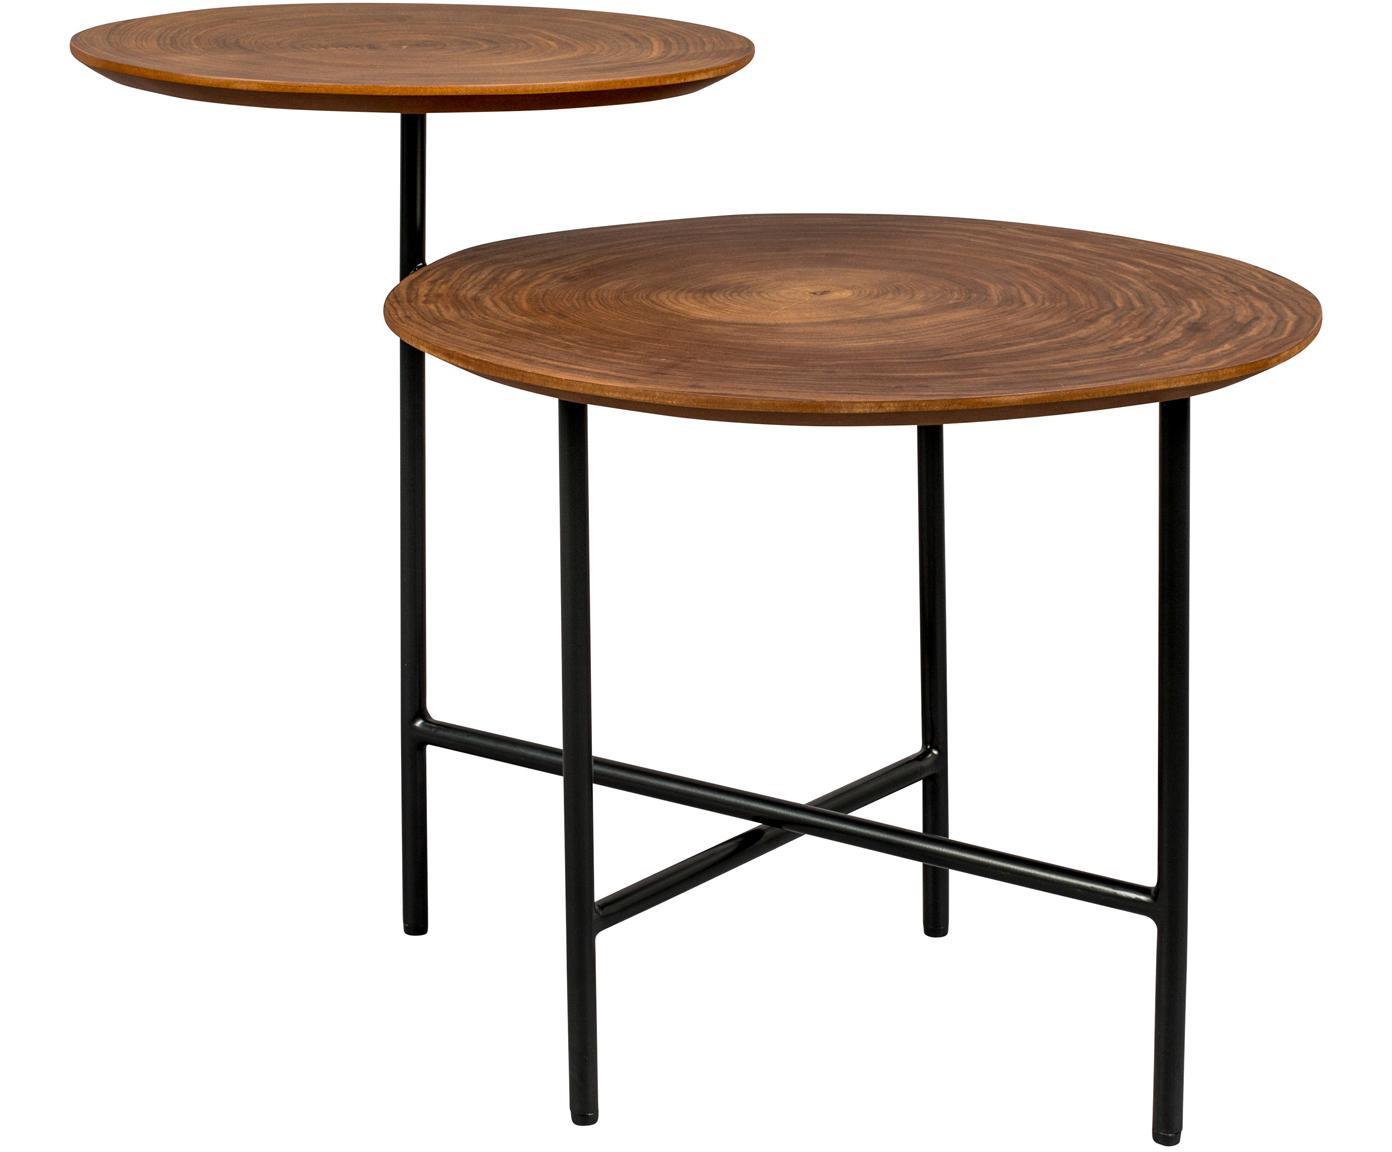 Stolik pomocniczy z dwoma blatami Mathison, Stelaż: metal malowany proszkowo, Czarny, drewno orzecha włoskiego, S 75 x G 49 cm